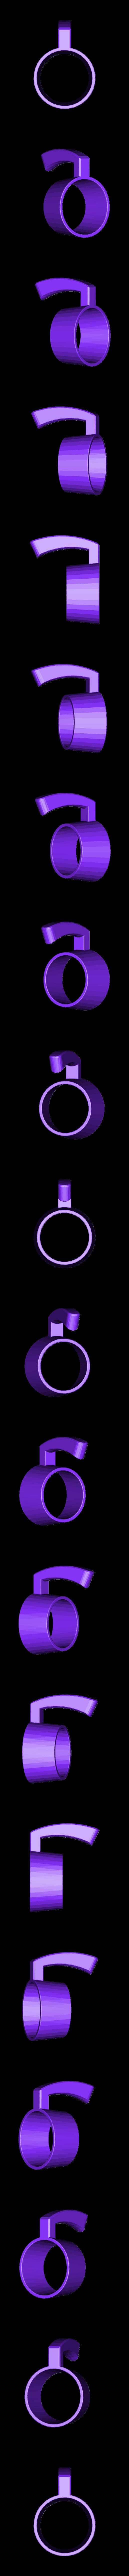 16oz-500ml.stl Télécharger fichier STL gratuit Manche de tasse • Design pour imprimante 3D, GomaRebasa